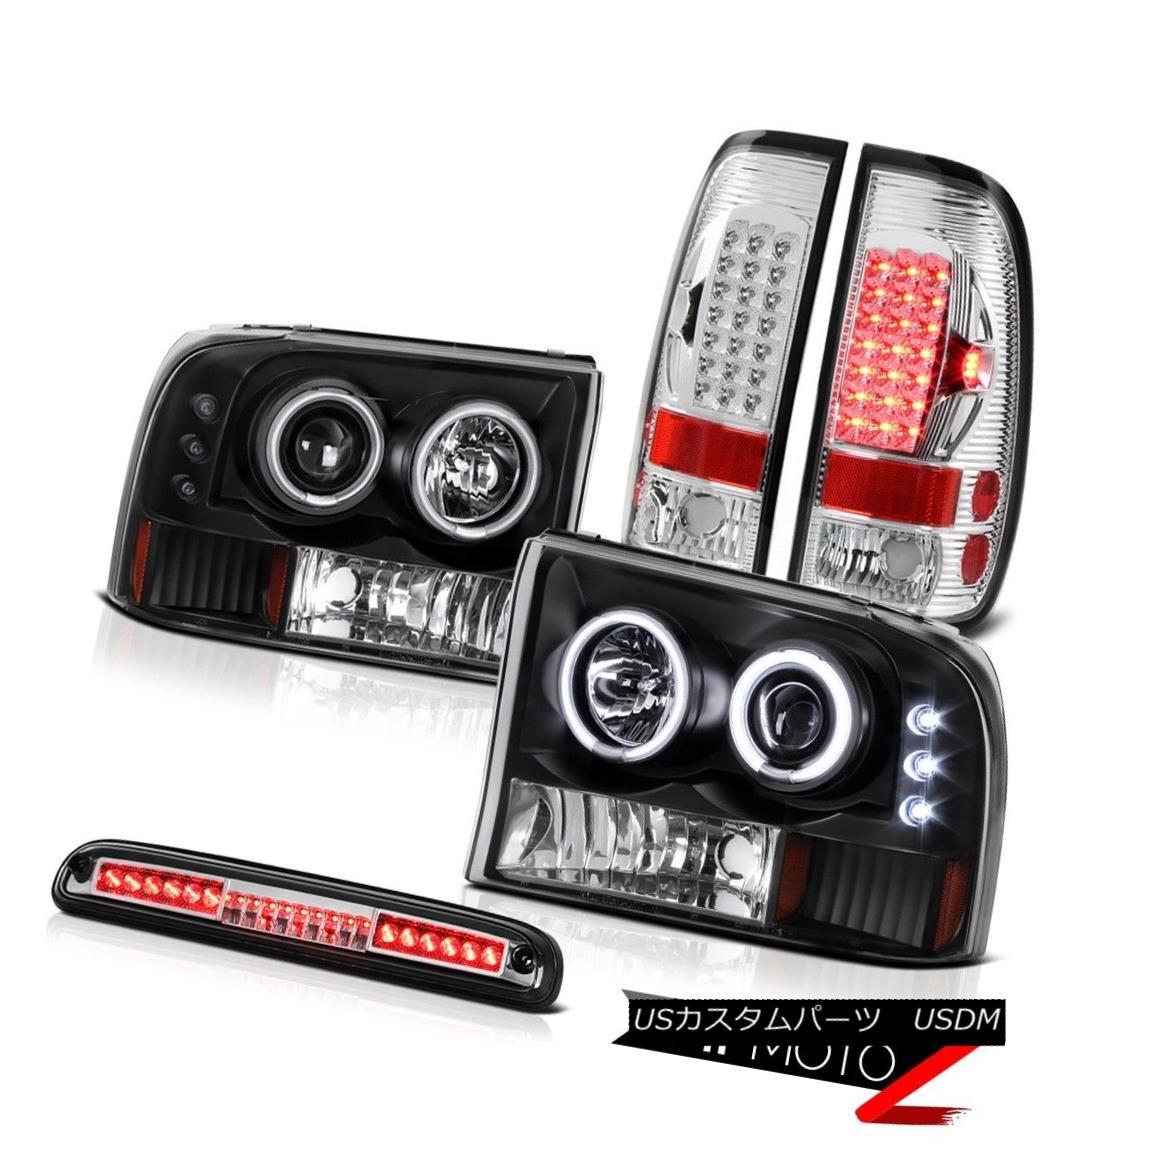 テールライト Black CCFLr Headlight SMD Rear TailLight High Brake Cargo LED 99-04 Ford F350 SD ブラックCCFLrヘッドライトSMDリアテールライトハイブレーキカーゴLED 99-04 Ford F350 SD